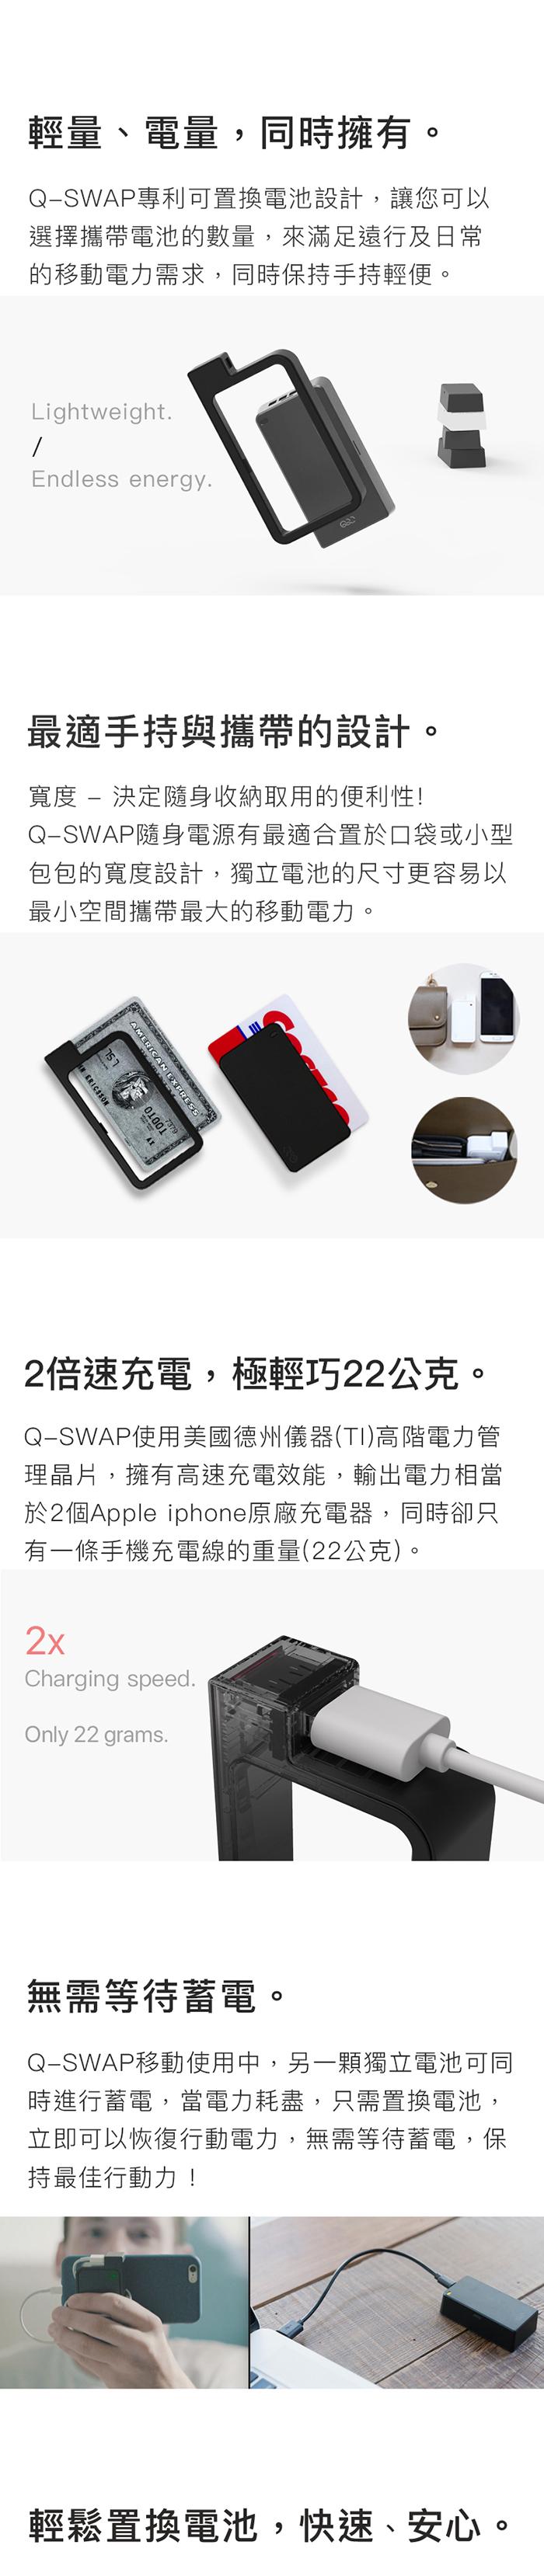 QQC Q-SWAP 全新設計行動電源 5200 - 白色